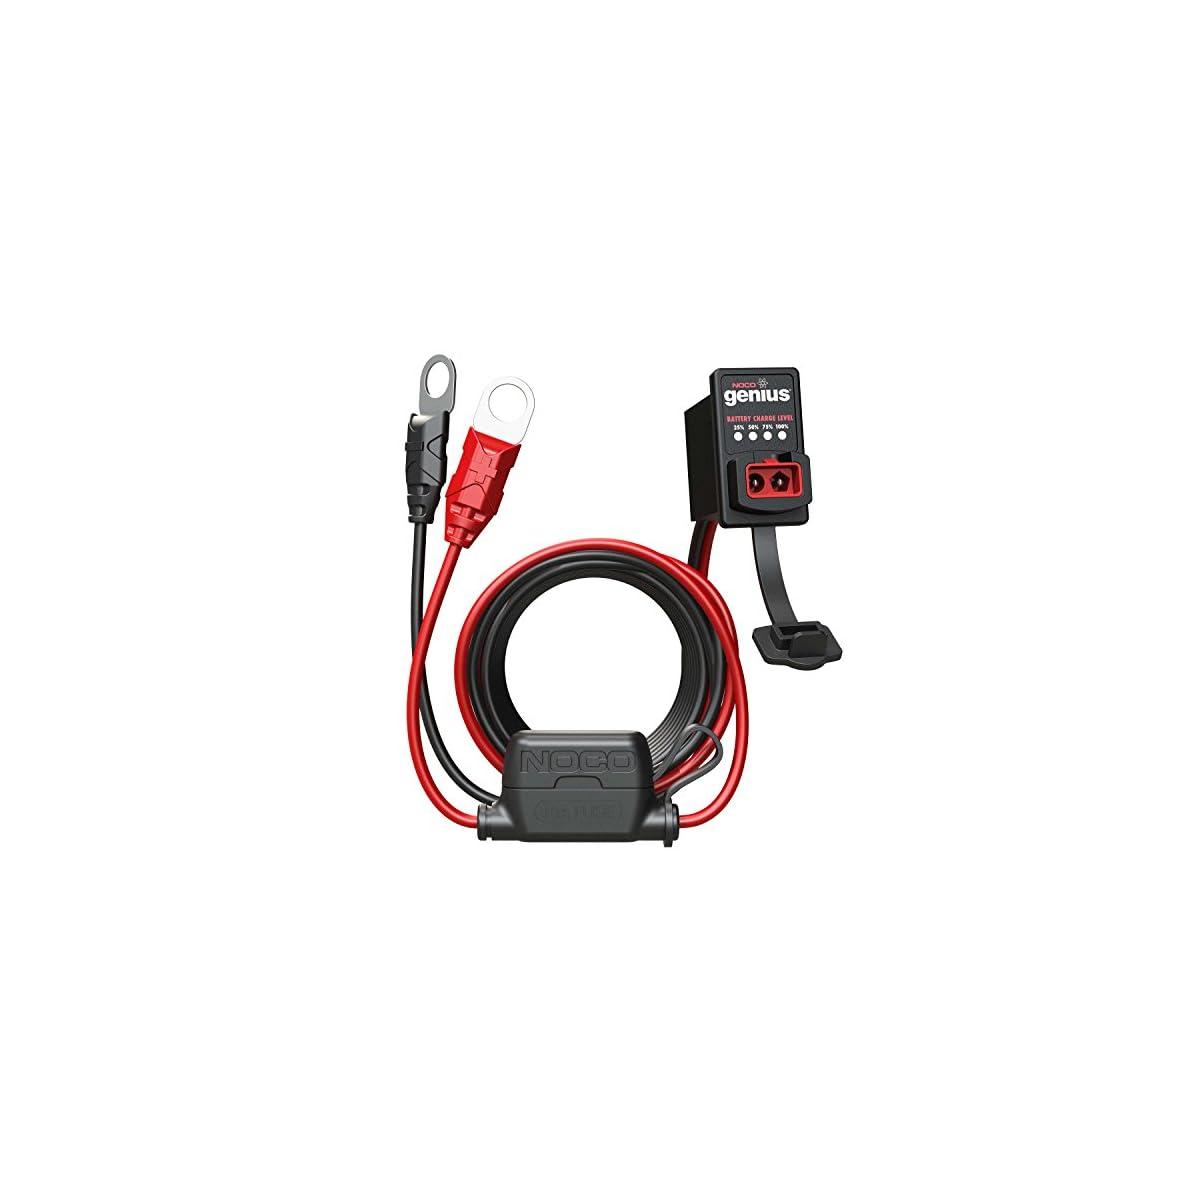 511v43AQRsL. SS1200  - Noco GC016 Genius Dashmount Indicador de Carga de Batería, 12V